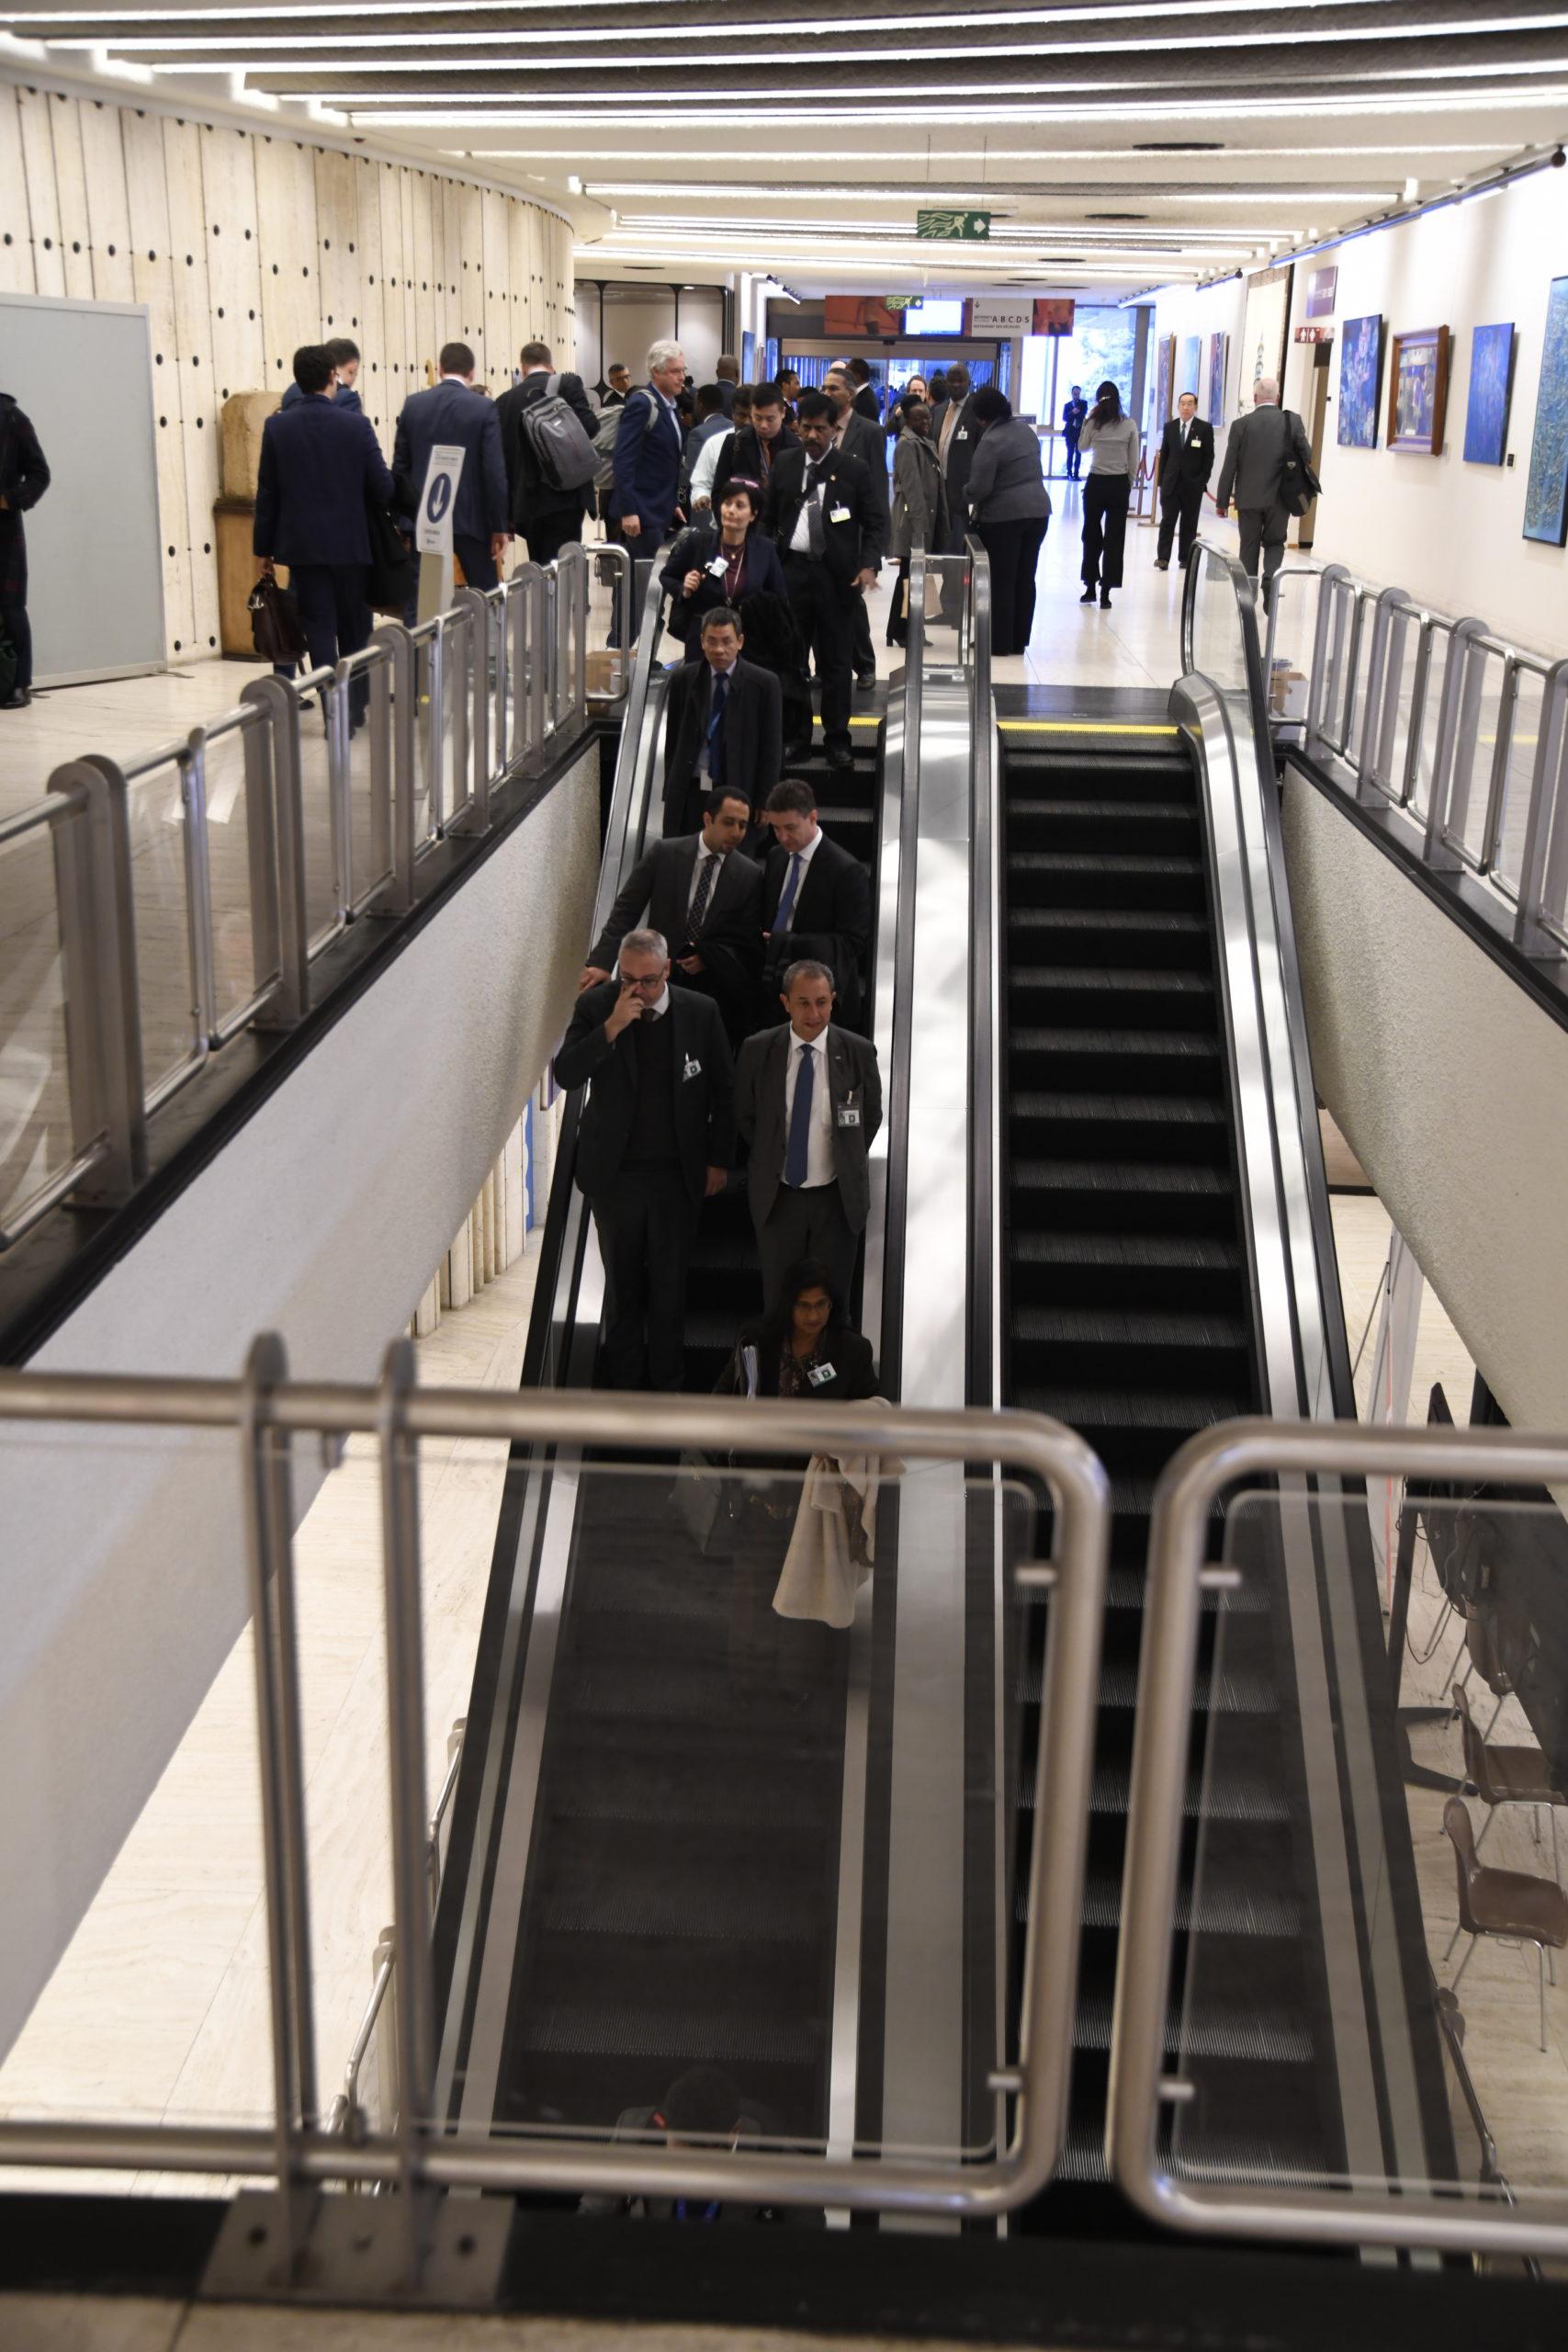 Stairway to UN